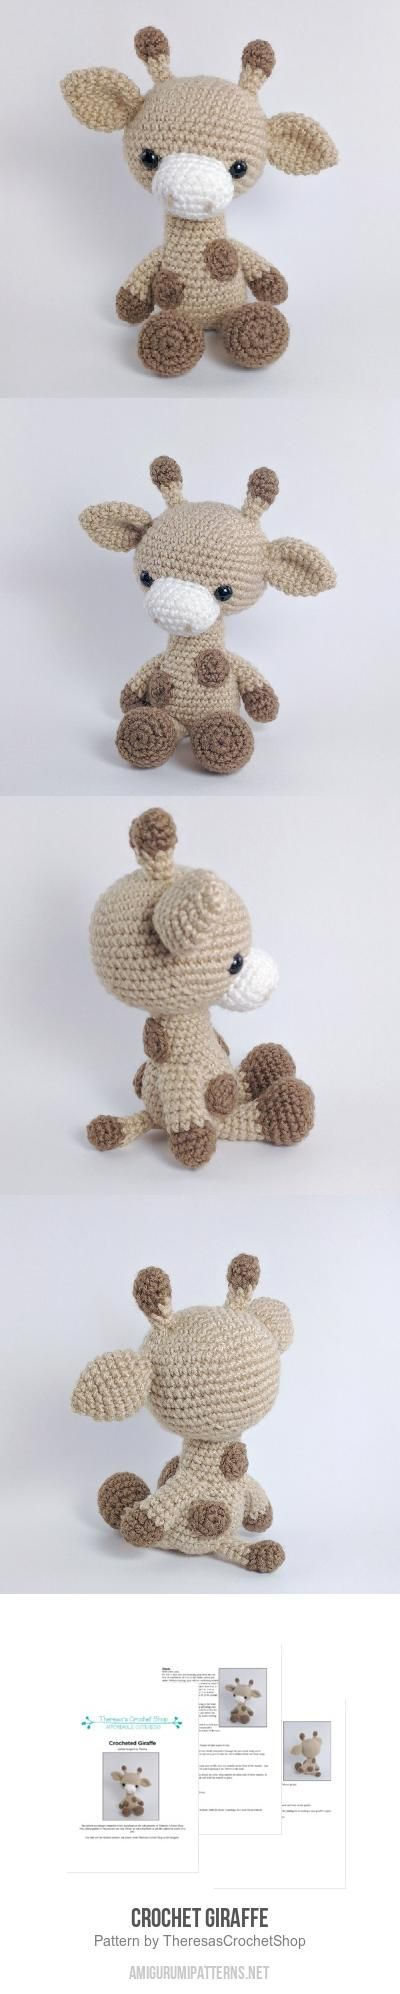 Crochet Giraffe Amigurumi Pattern Más